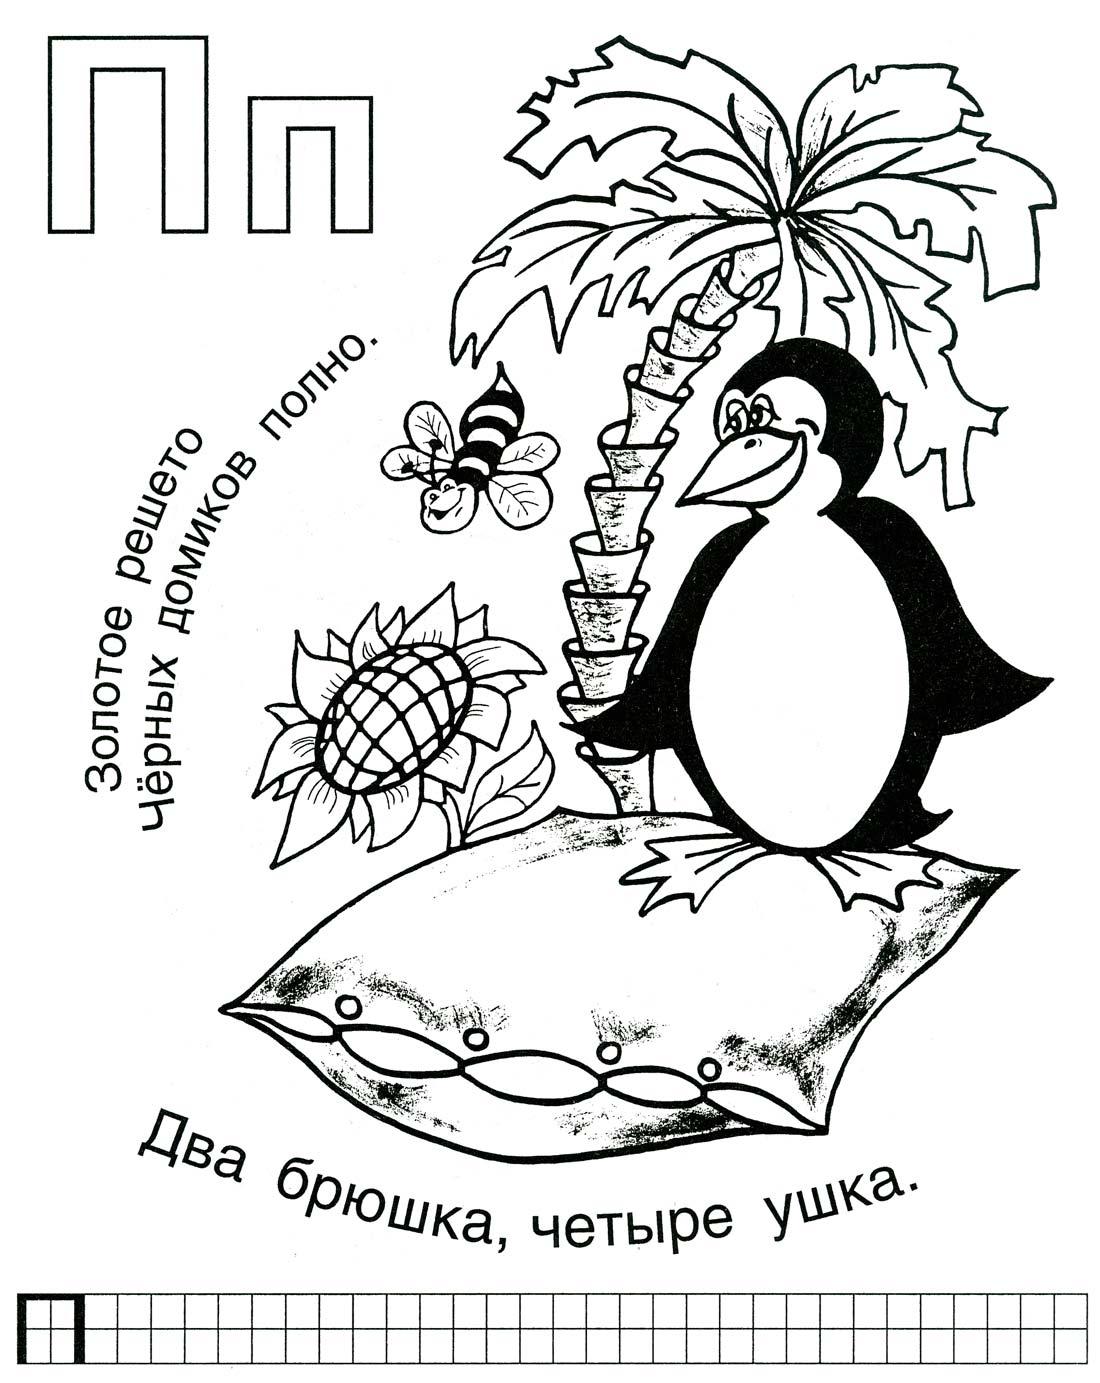 Картинки для детей с буквой с в середине слова для детей